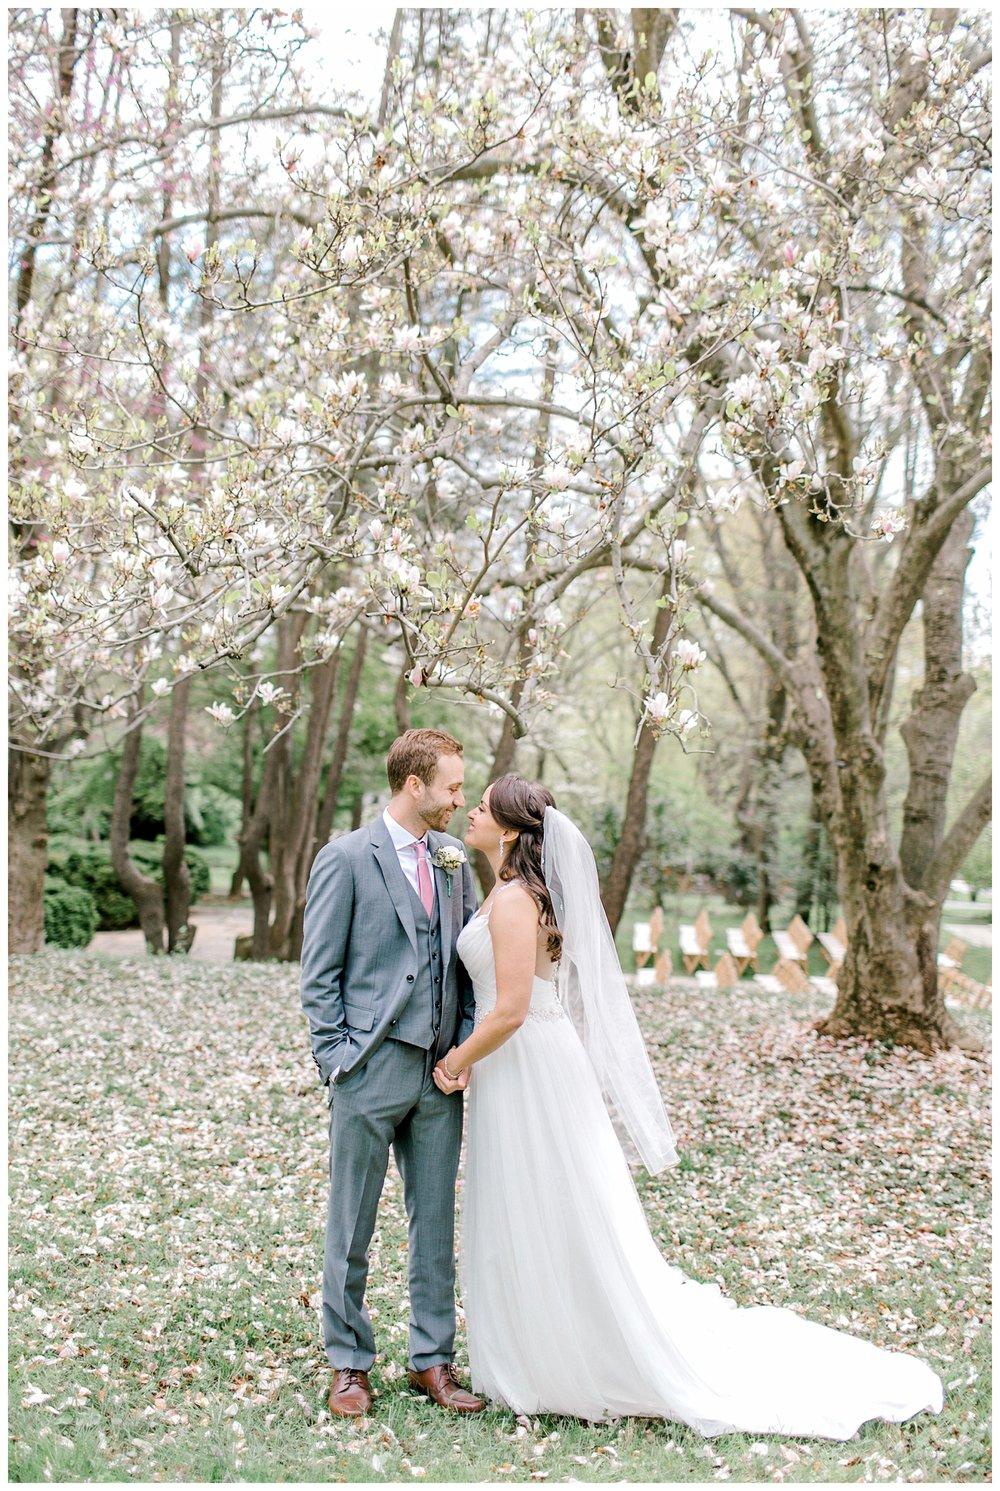 Woodend Nature Sanctuary Wedding Maryland Wedding Photographer_0040.jpg